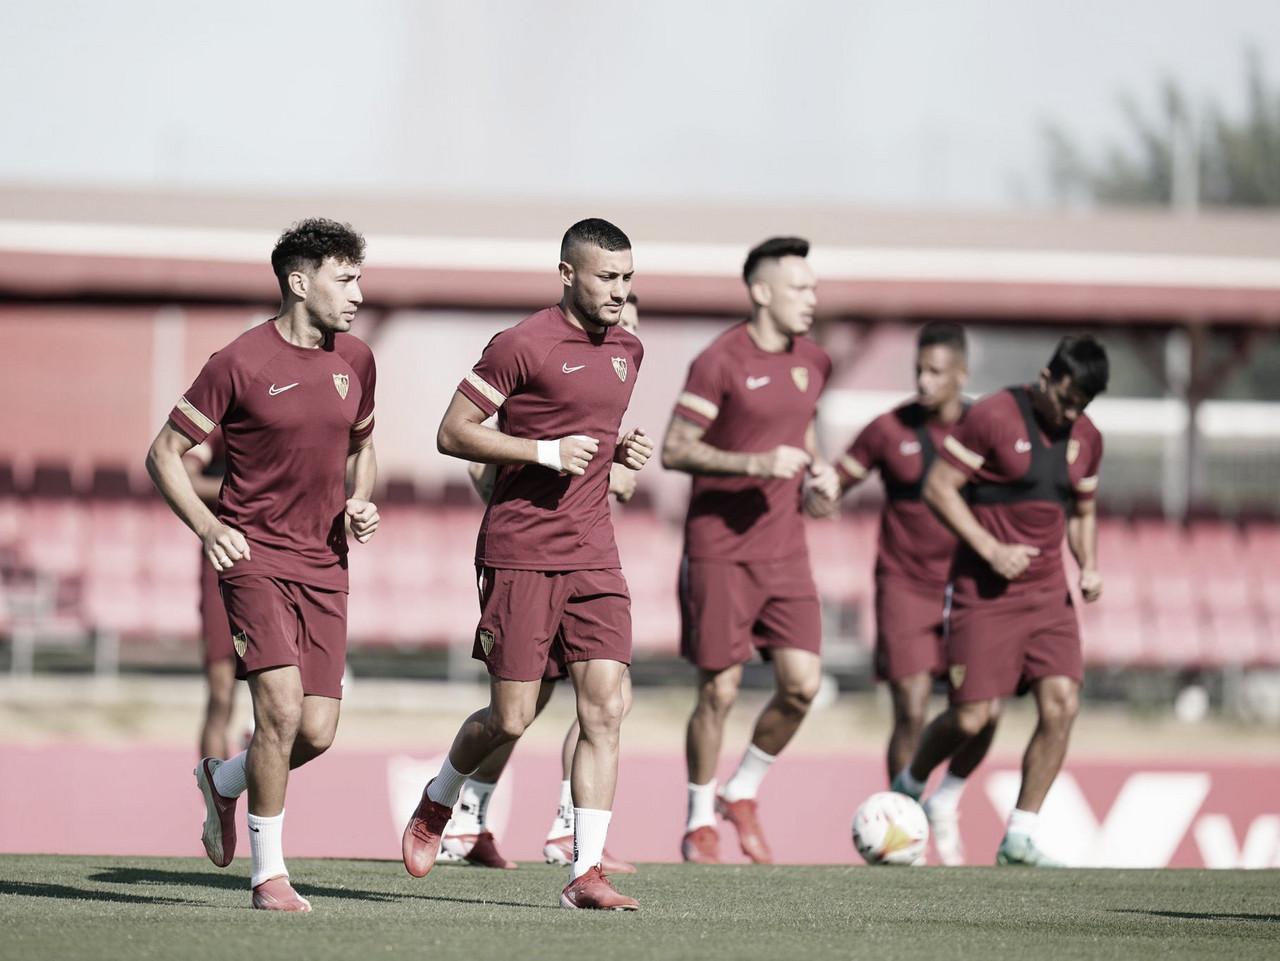 Más de 16.000 podrán ver el Sevilla-Rayo Vallecano en el Sánchez Pizjuán